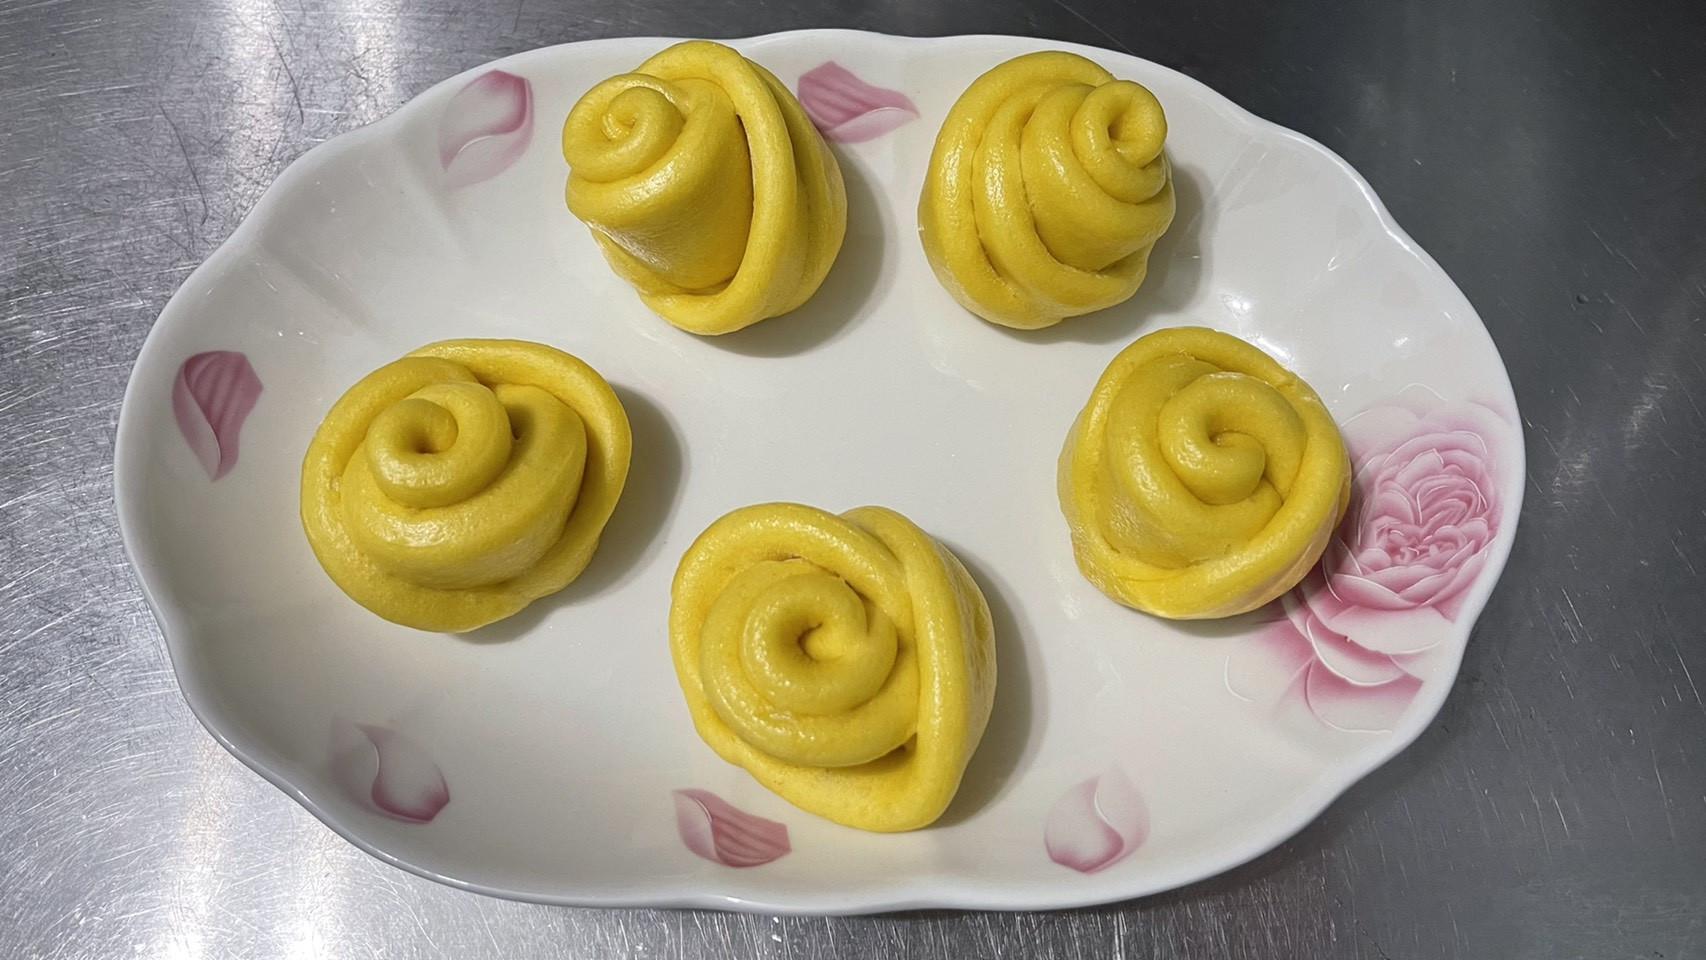 南瓜饅頭、玫瑰花饅頭「蓬鬆柔軟有彈性」